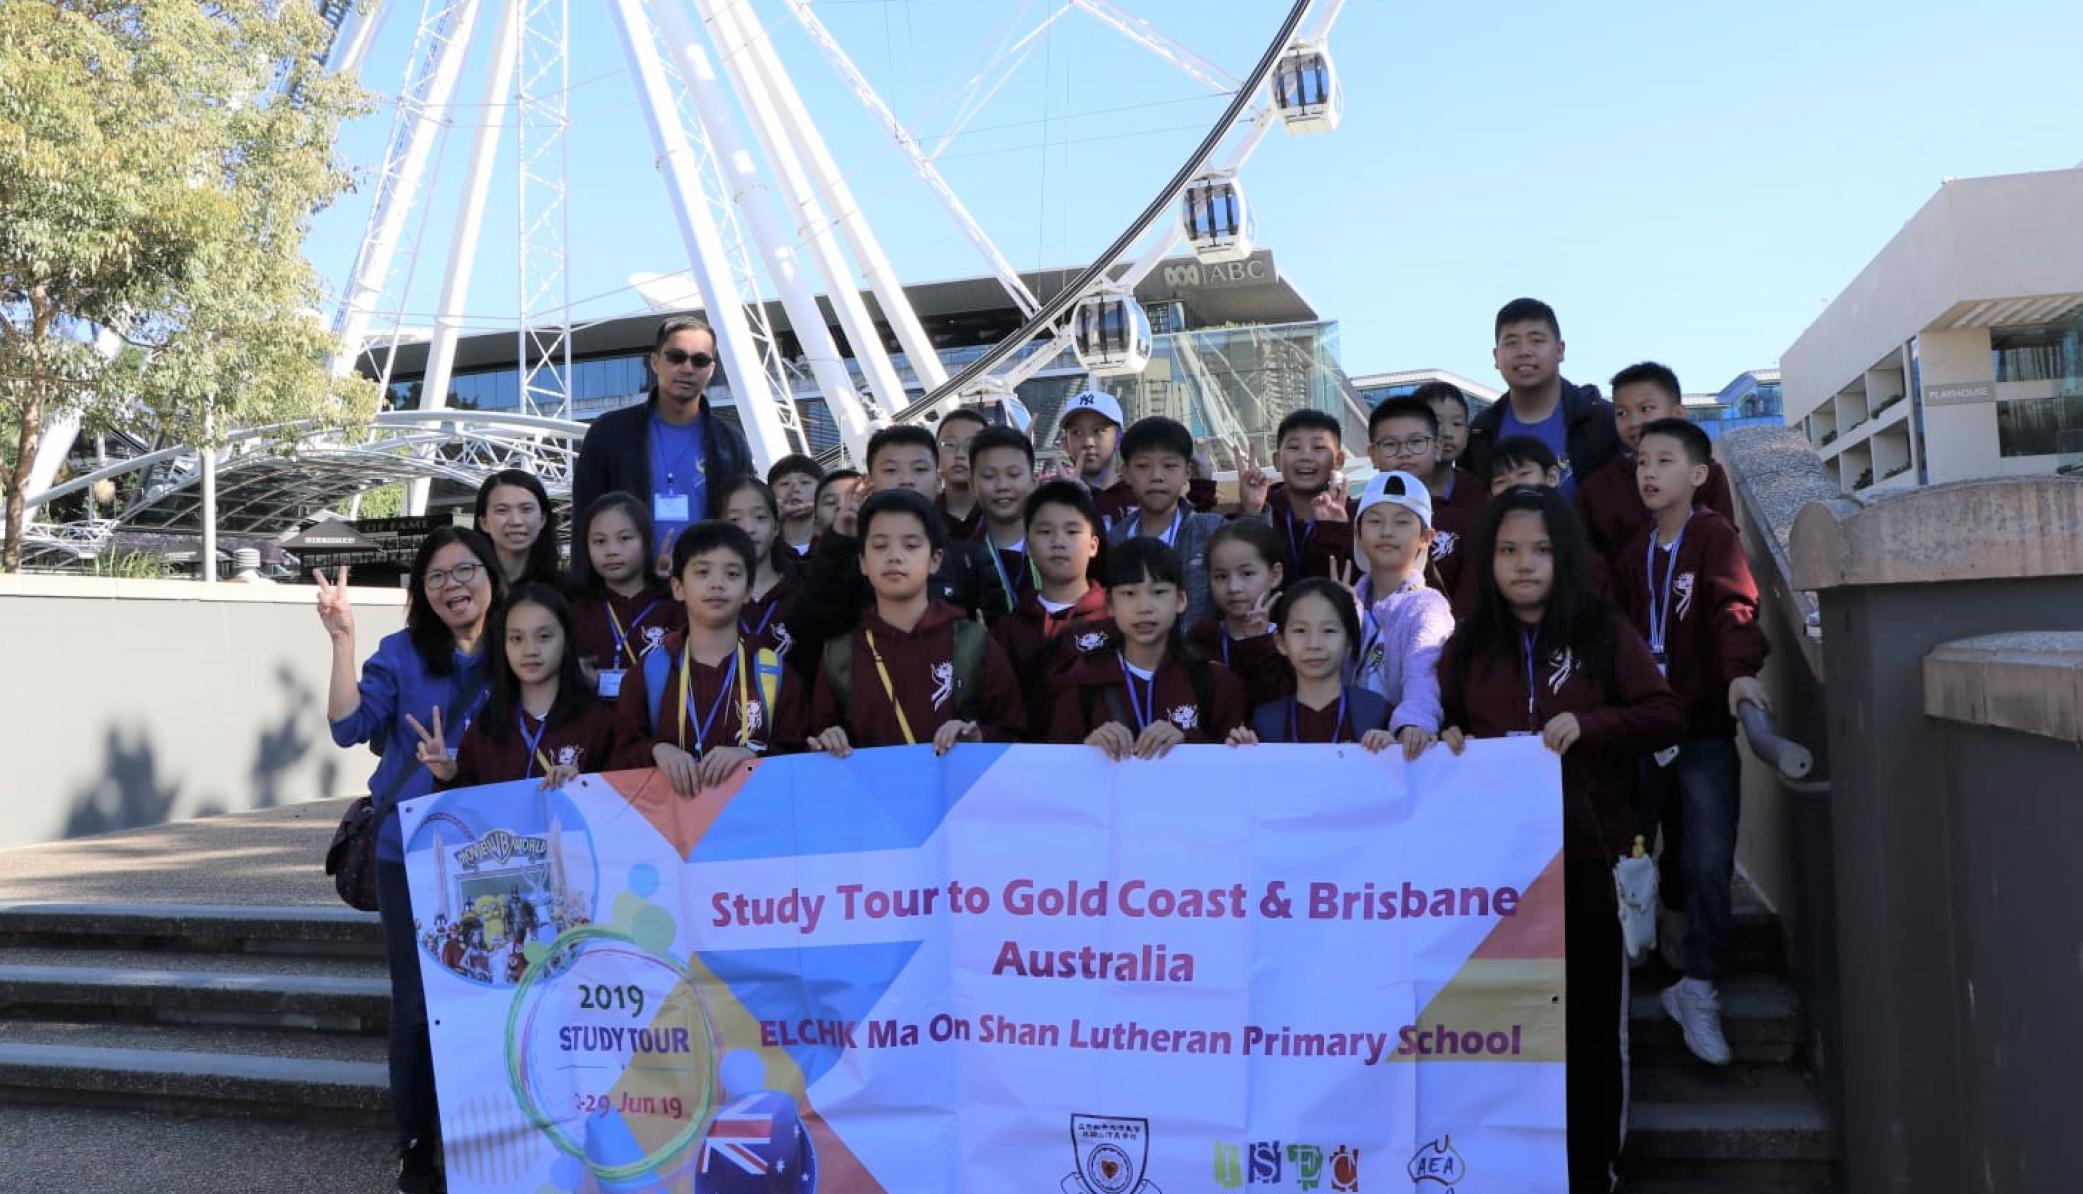 教育傳媒:舉辦澳洲英語文化交流團。